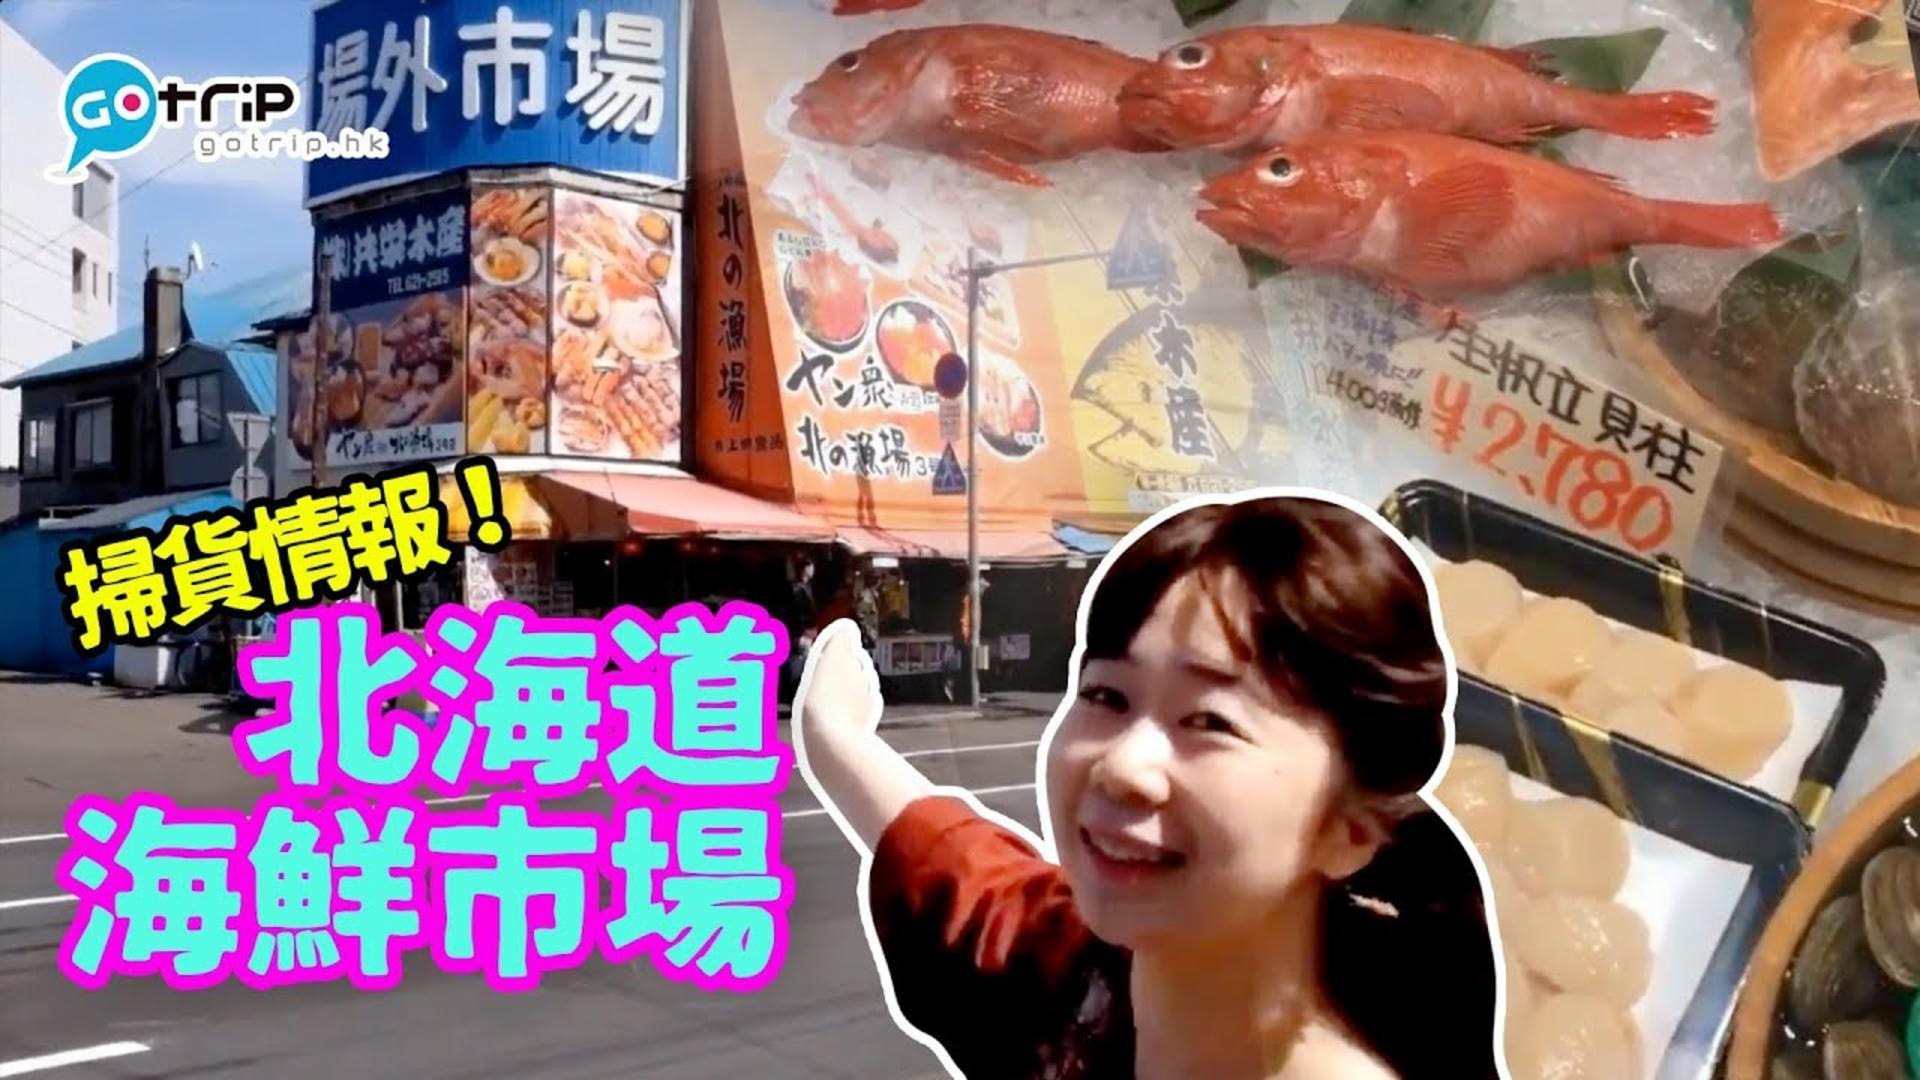 日本 北海道札幌場外市場行街有咩買?【學做日本人】Ep.11